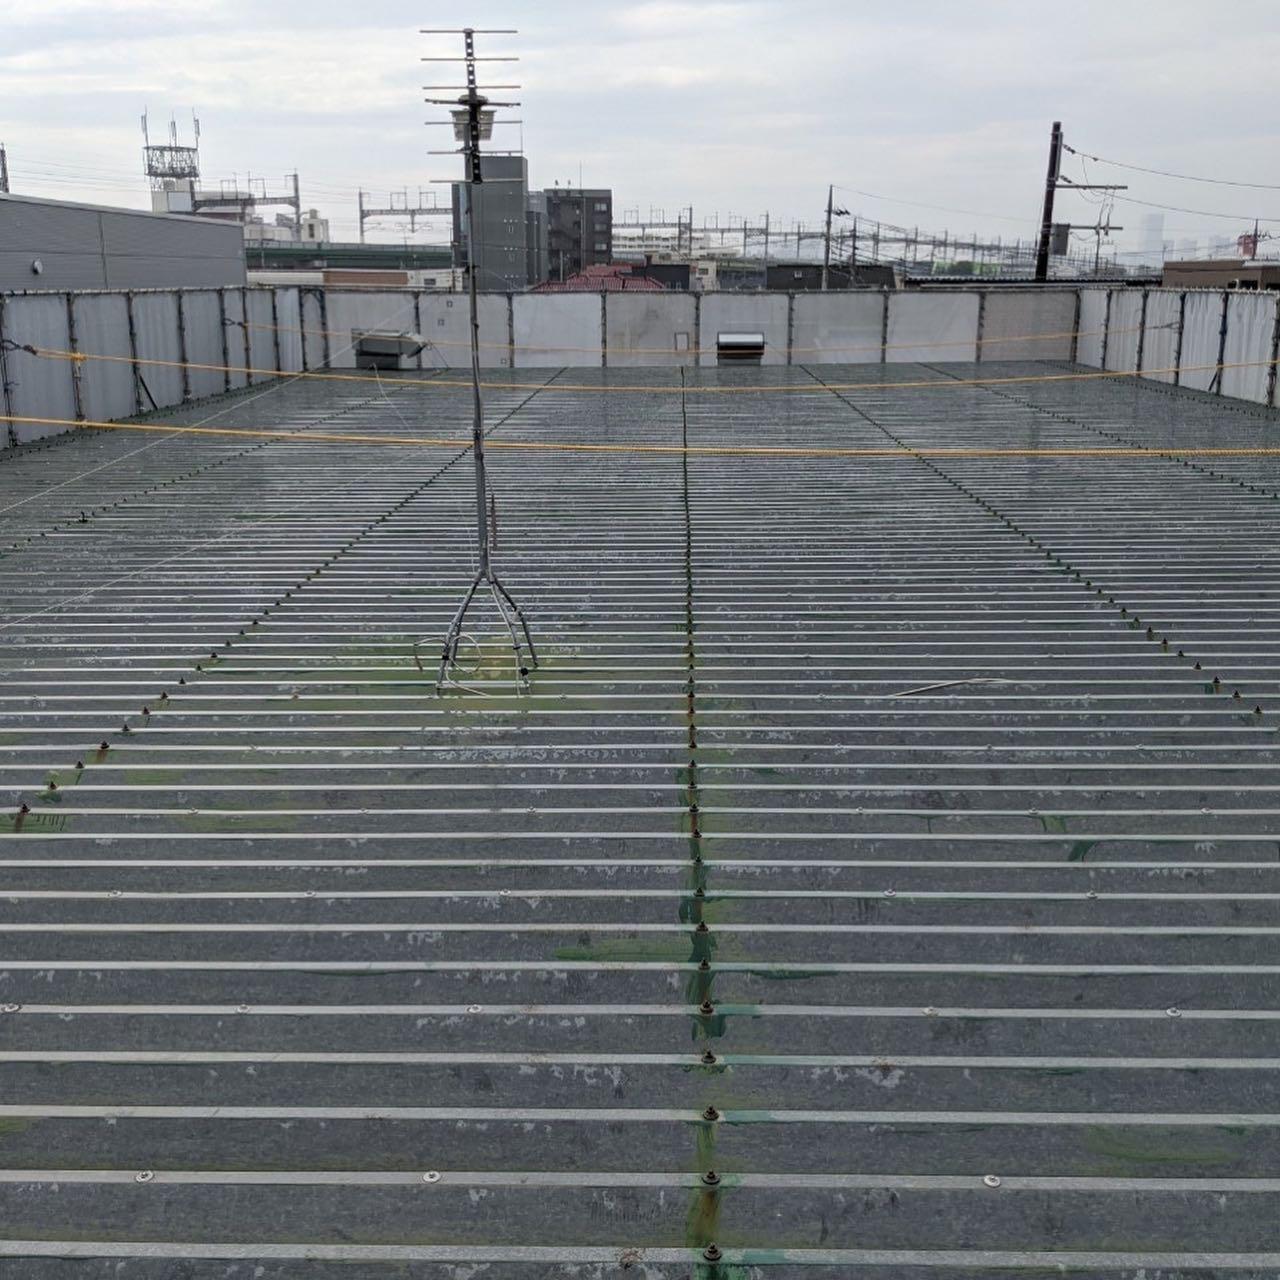 折板屋根超速硬化ウレタン吹付工事が完了しています。#超速硬化ウレタン吹付#折板屋根防水工事#超速硬化ウレタンスプレー#吹付屋#防水屋#株式会社ビルドテック